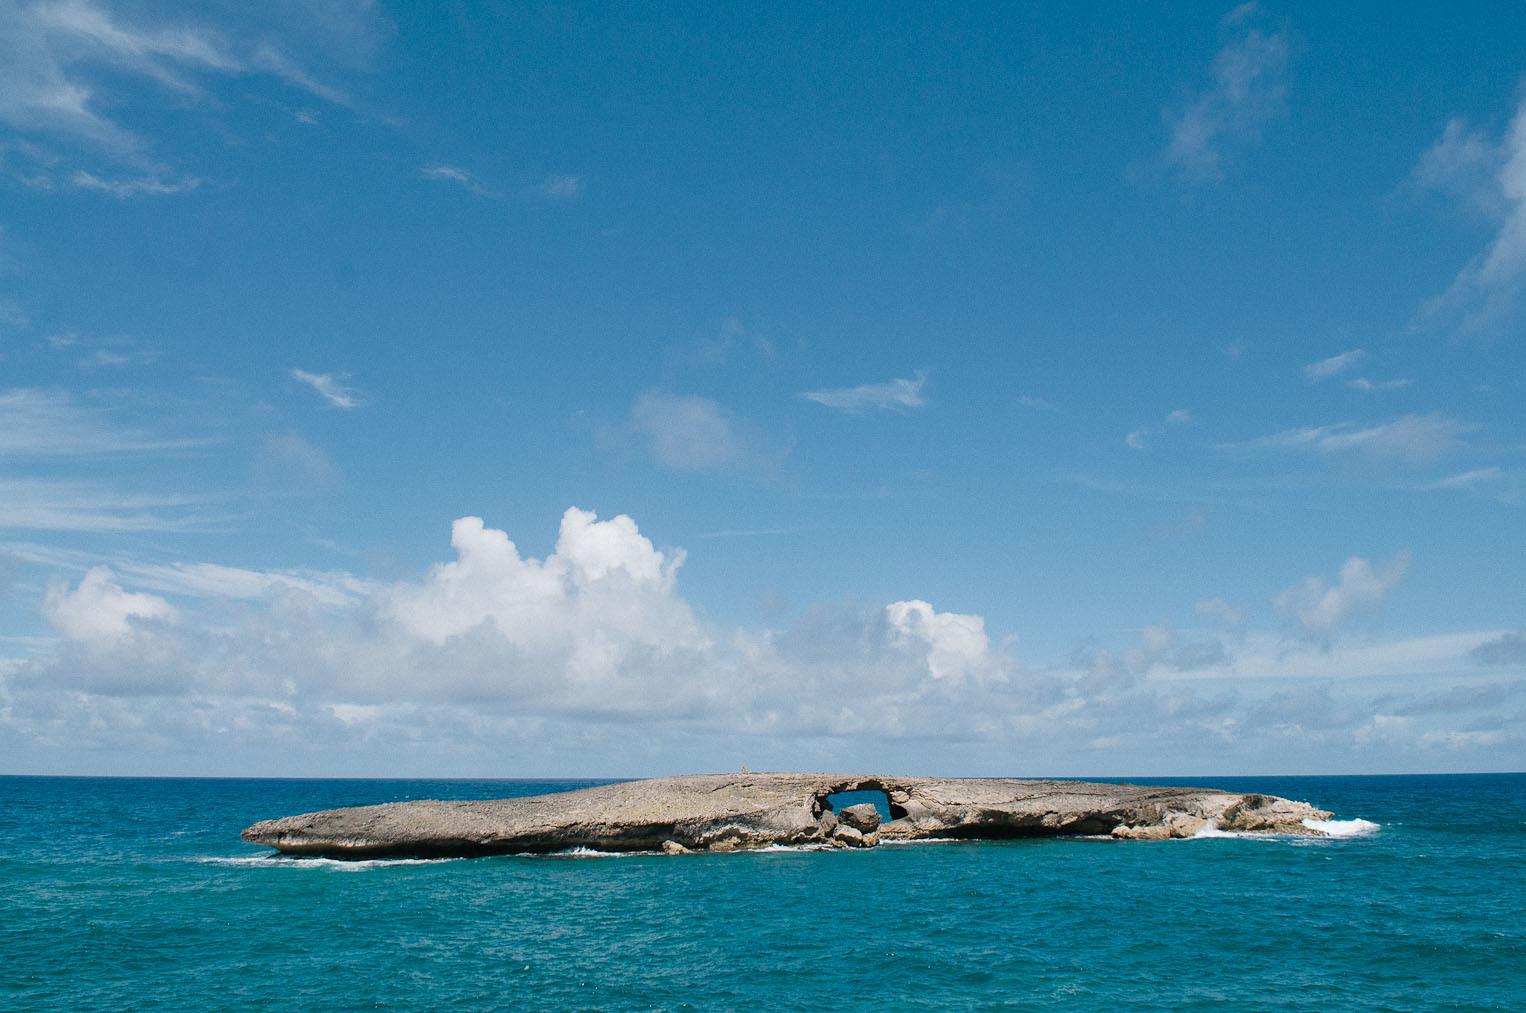 hawaii2013_69.jpg